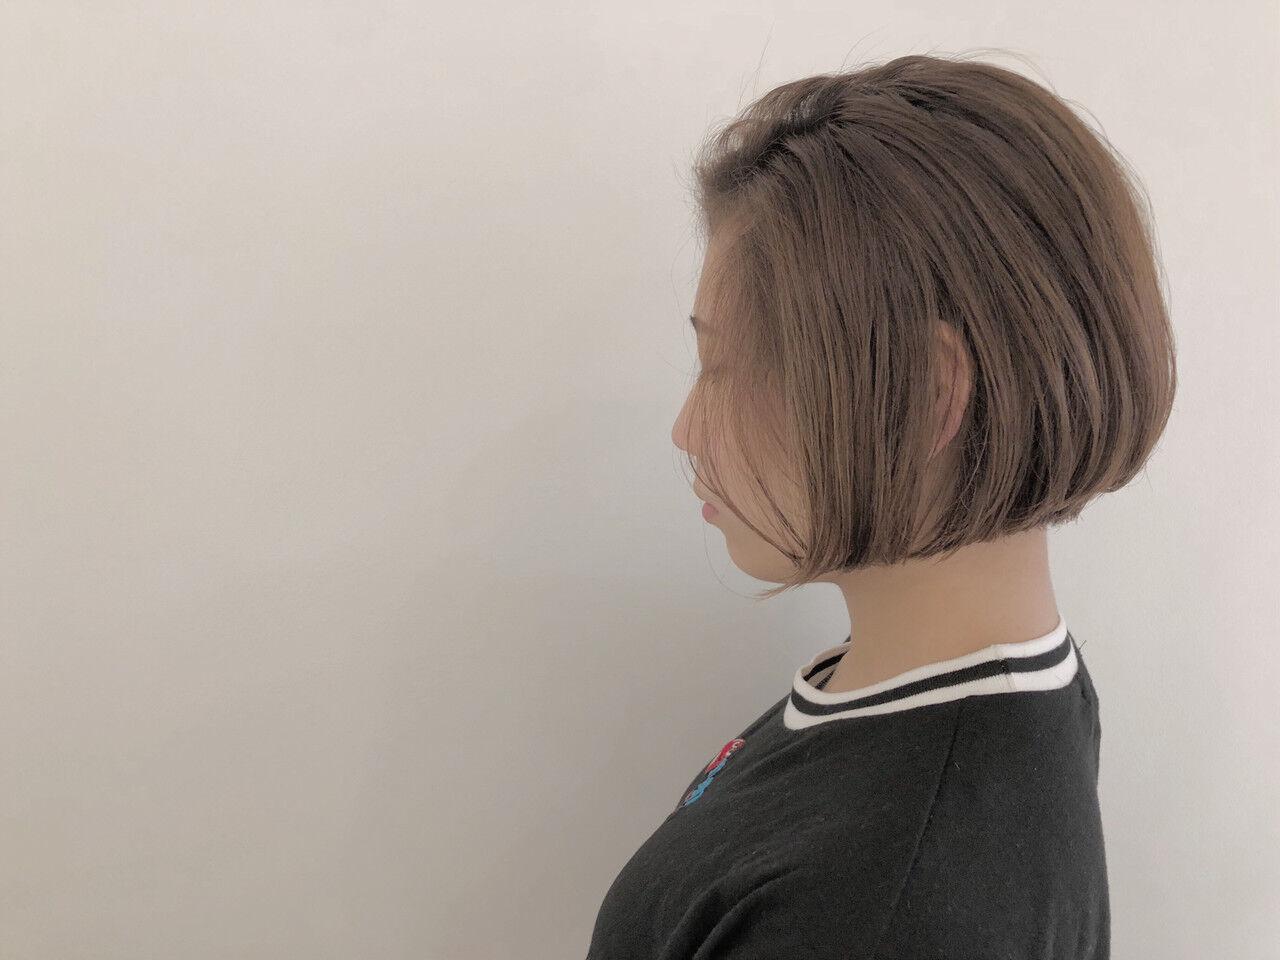 グラデーションカラー ナチュラル 切りっぱなし ボブヘアスタイルや髪型の写真・画像